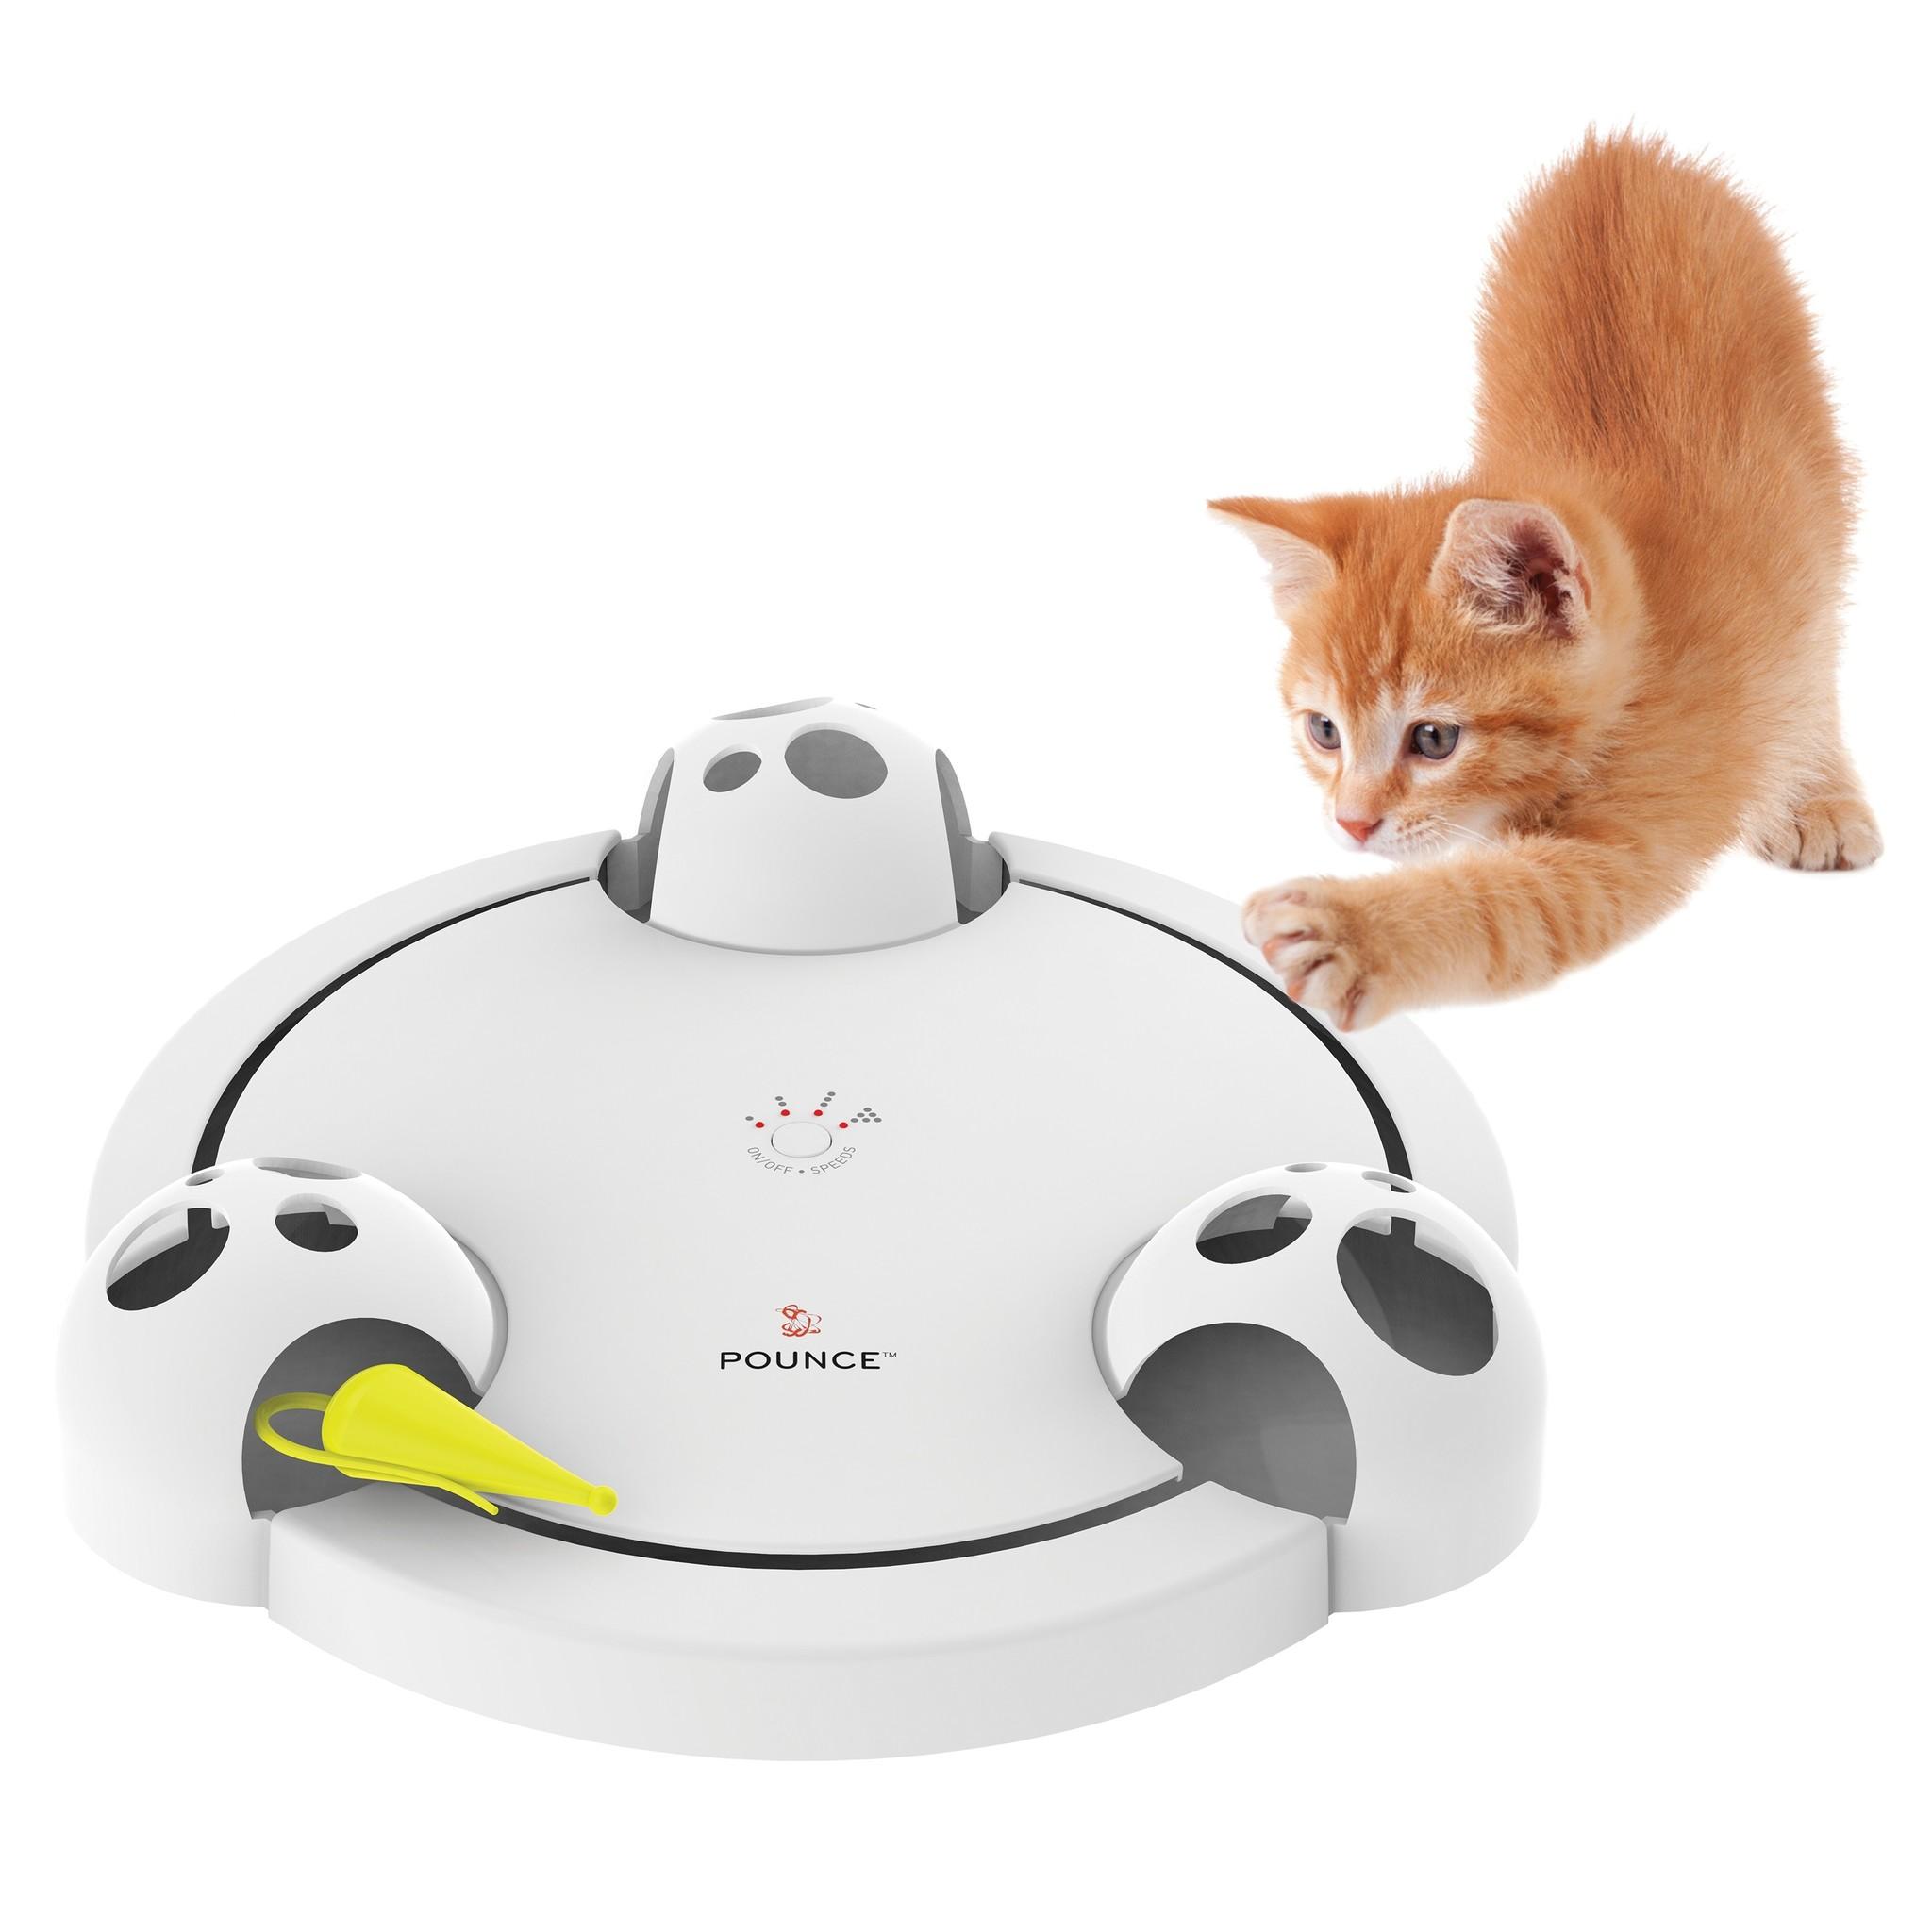 Automatisch Ronddraaiend Kattenspeelgoed